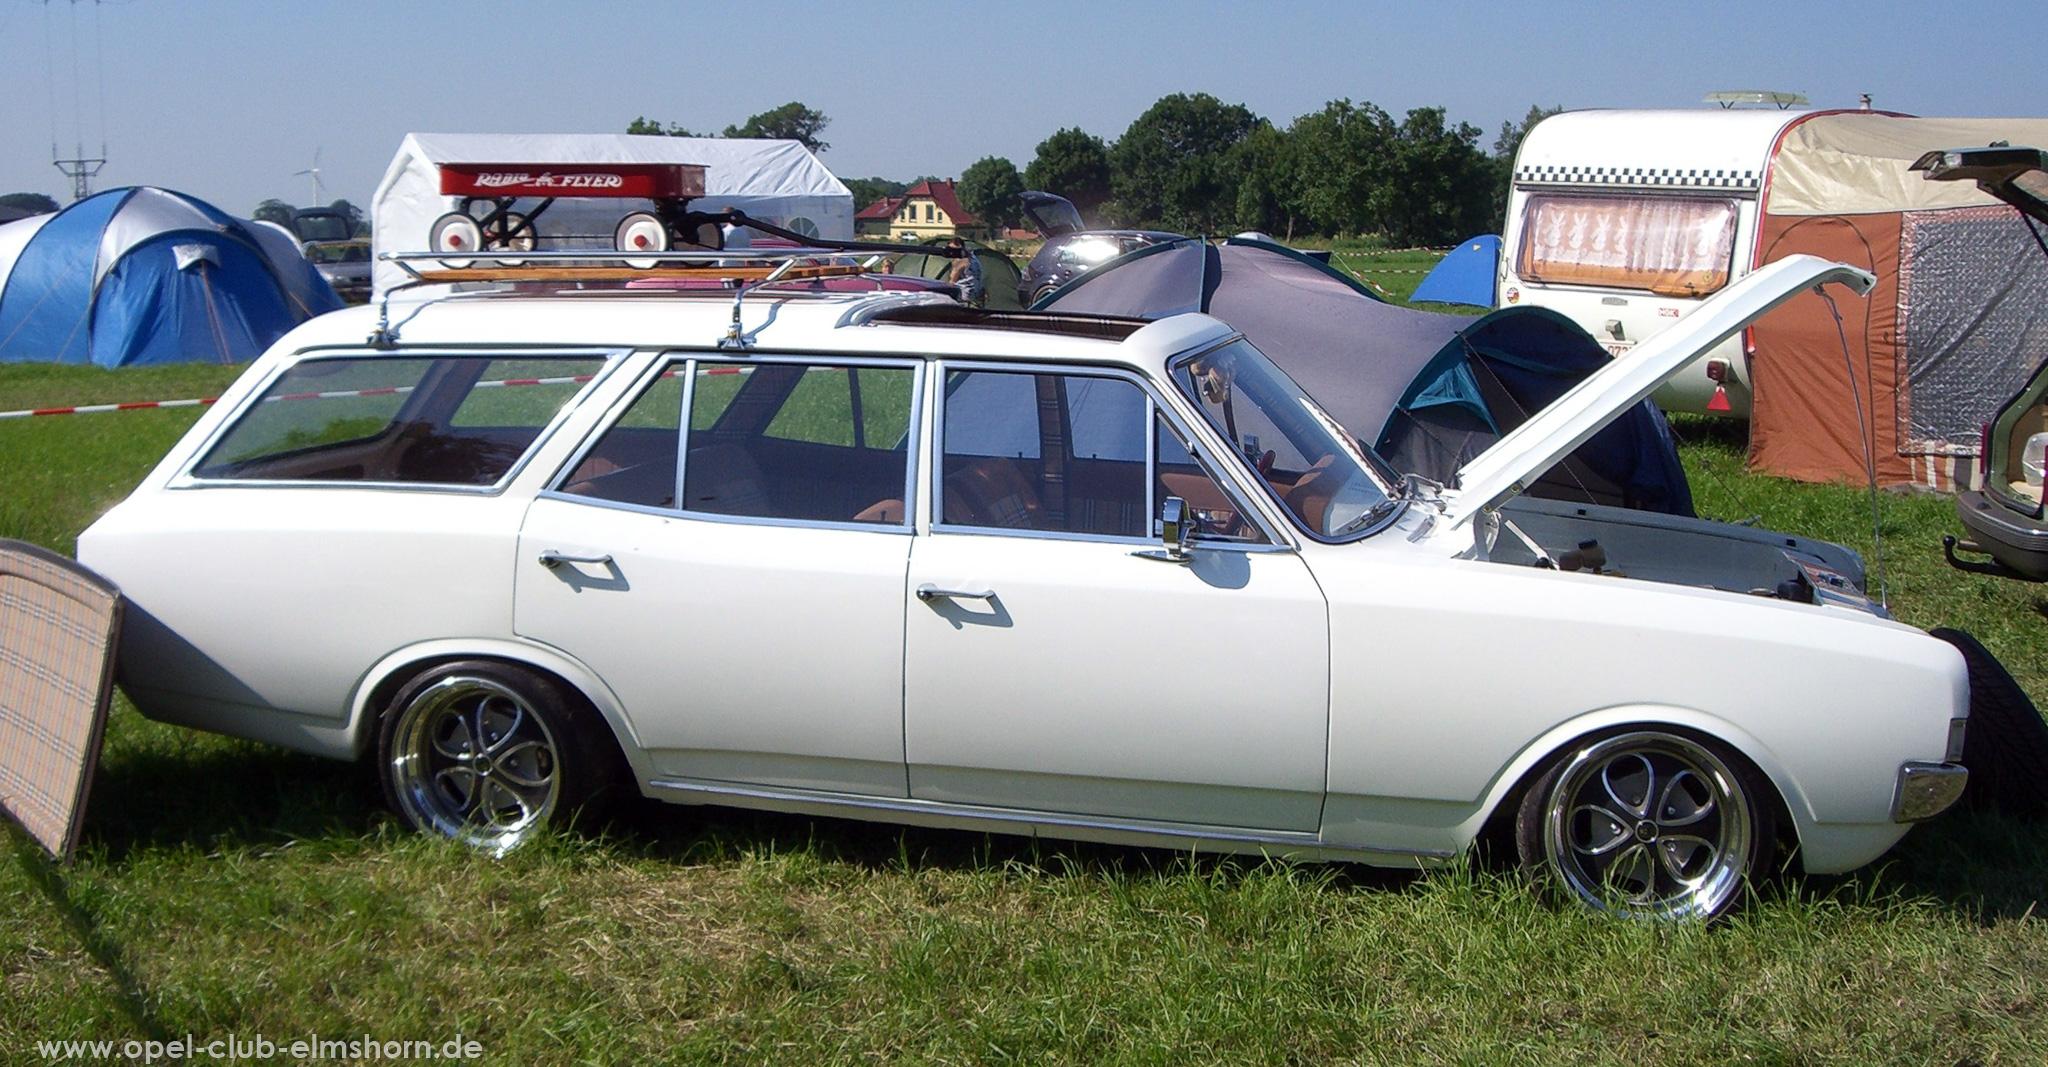 Opeltreffen Brunsbüttel Opelfreunde 2008 - 20080704_165400 - Rekord A Caravan